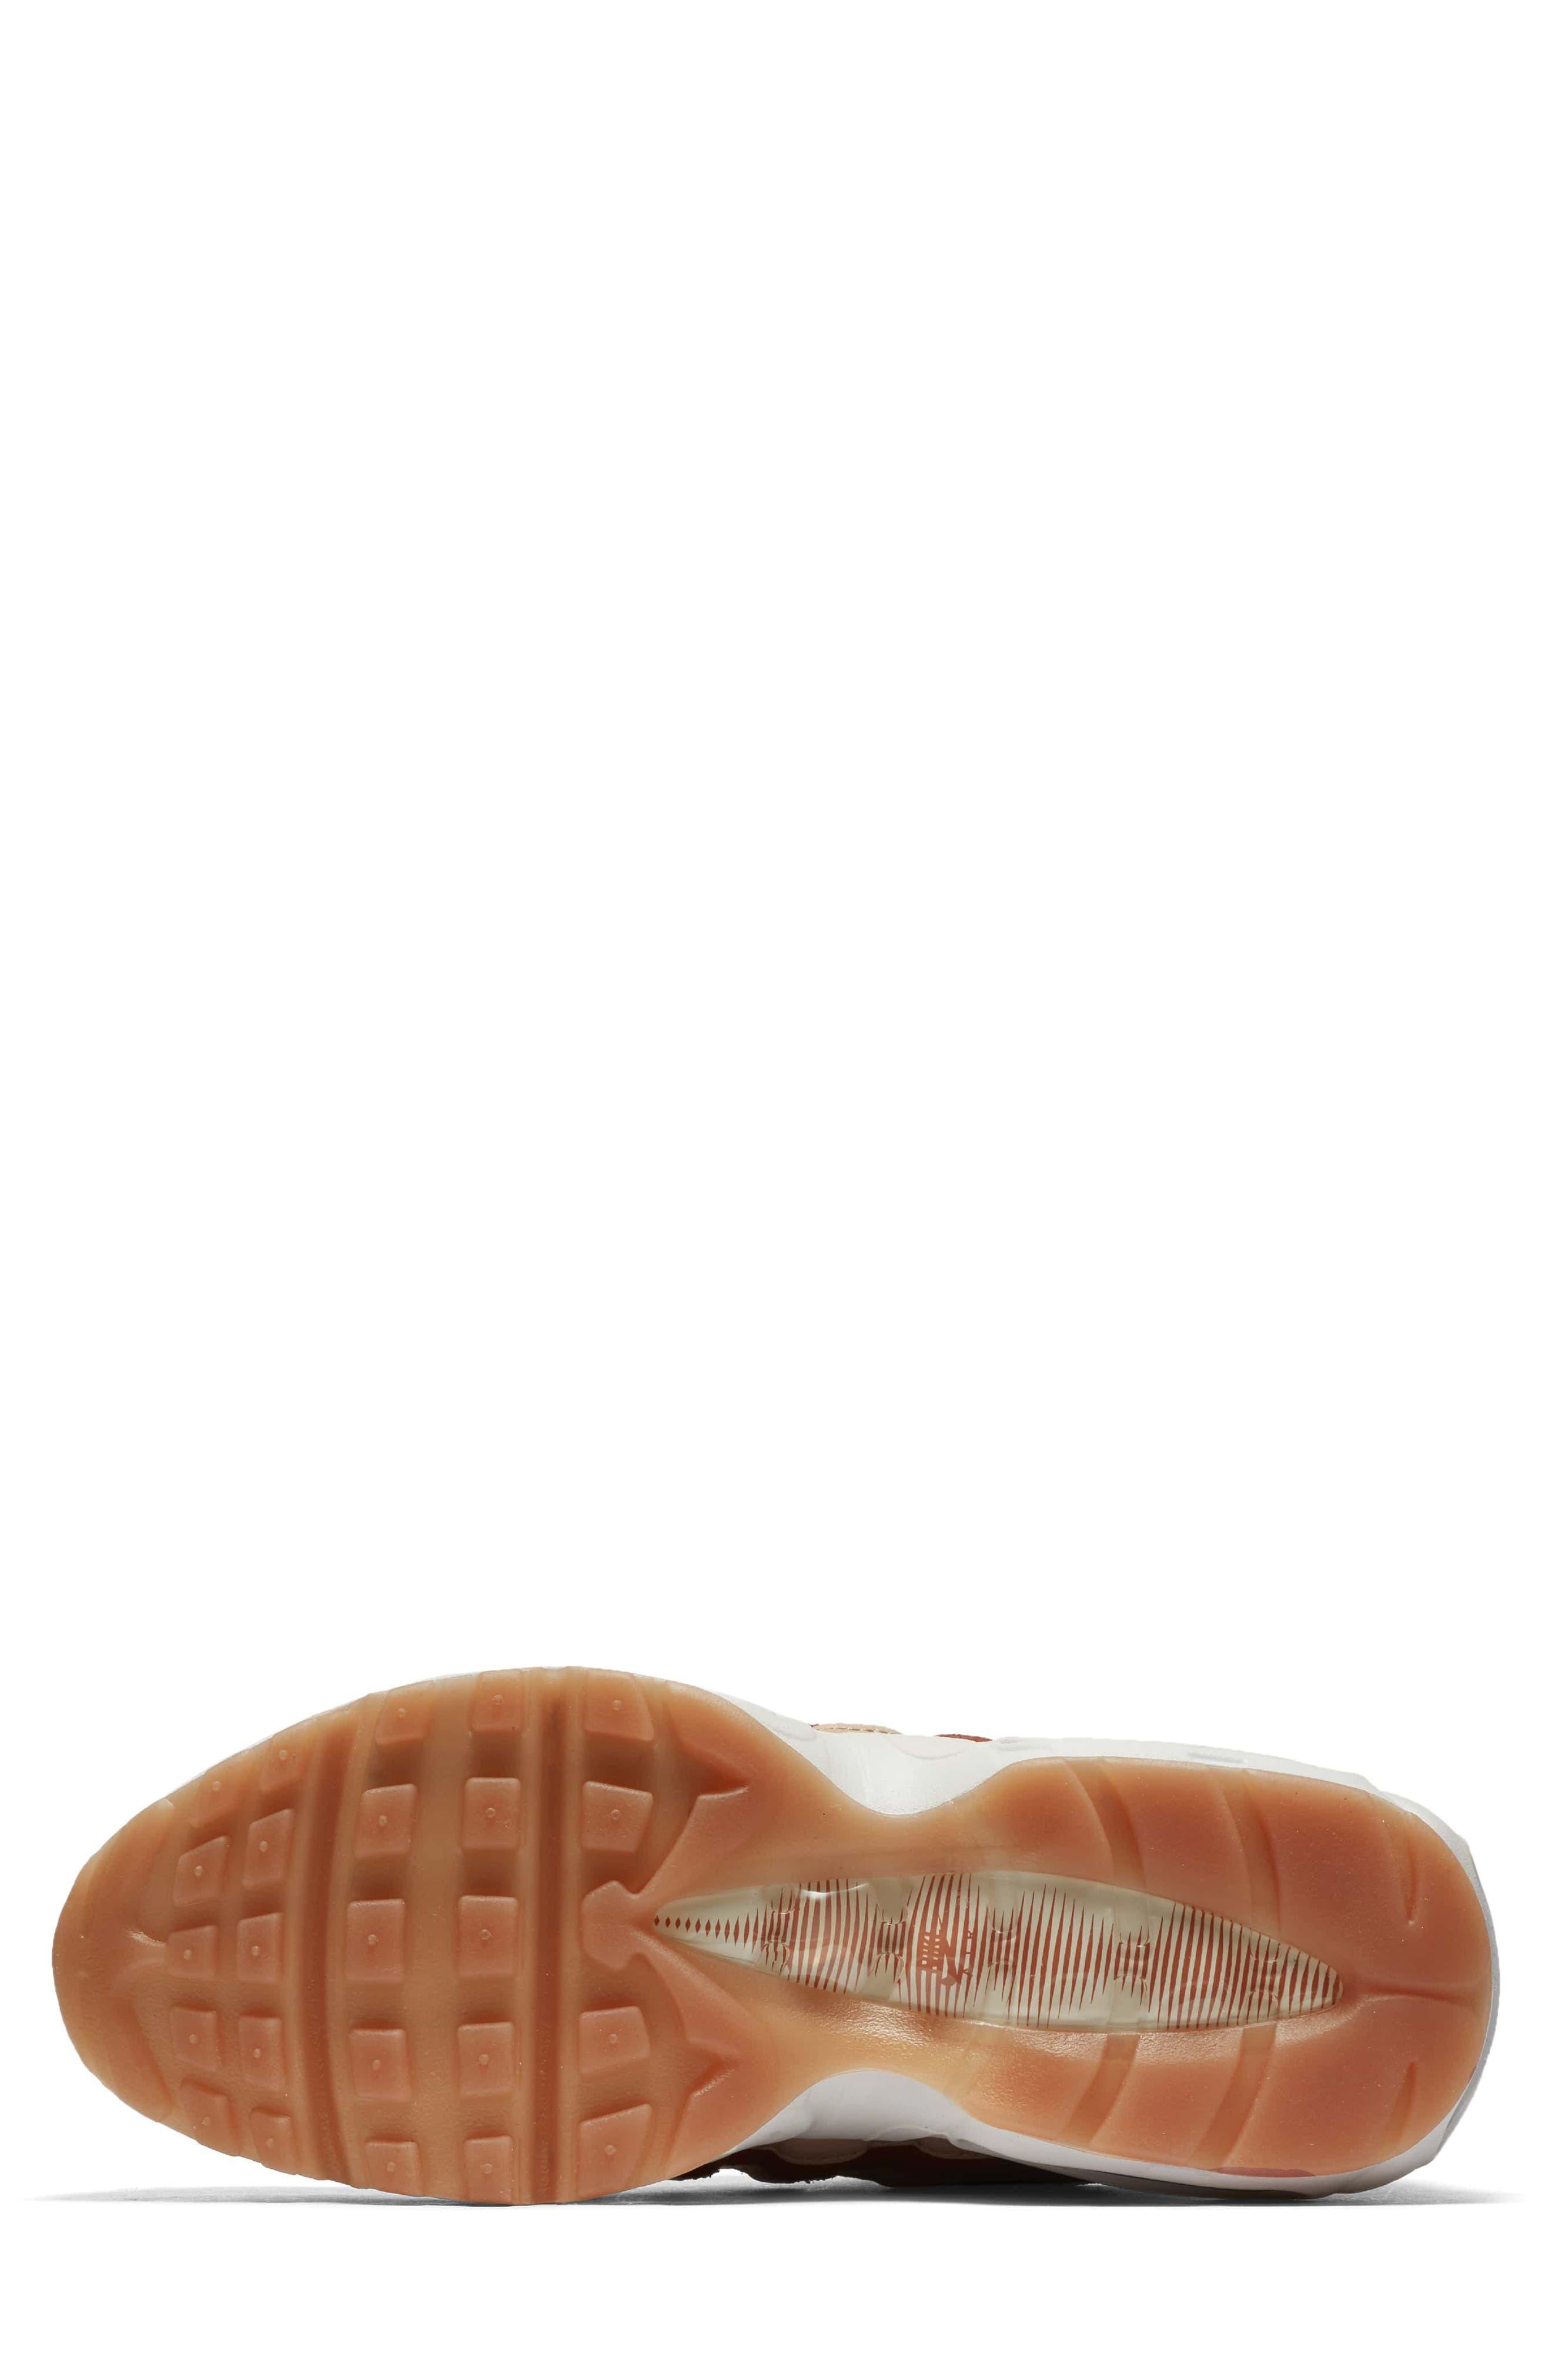 Air Max 95 LX Shoe,                             Alternate thumbnail 5, color,                             Dusty Peach/ Dusty Peach